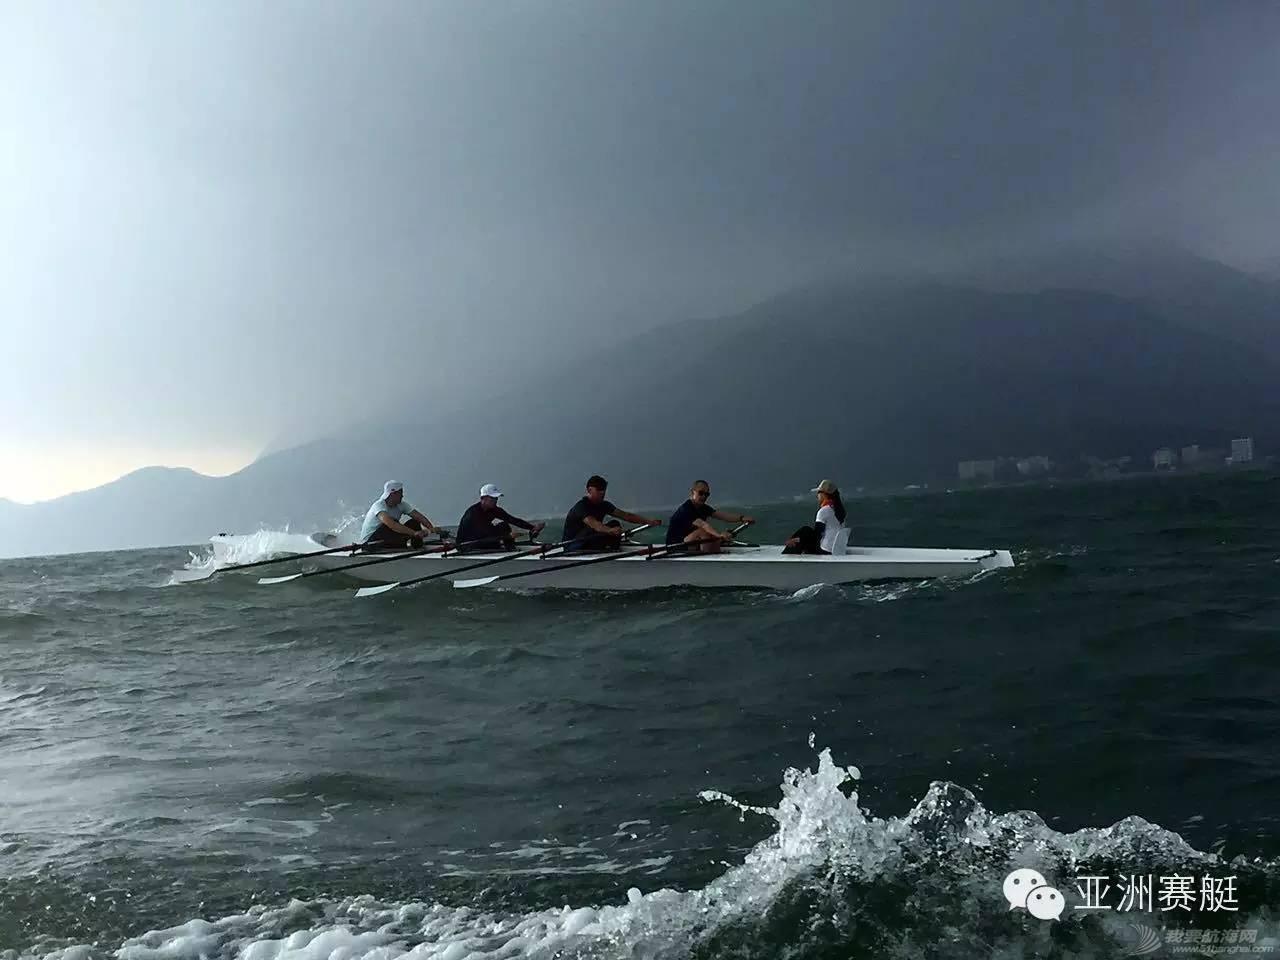 在海浪中划赛艇?王石主席在深圳万科浪骑游艇会体验海岸赛艇Costal Rowing 0dd57570086357a74715e624d0f7e480.jpg